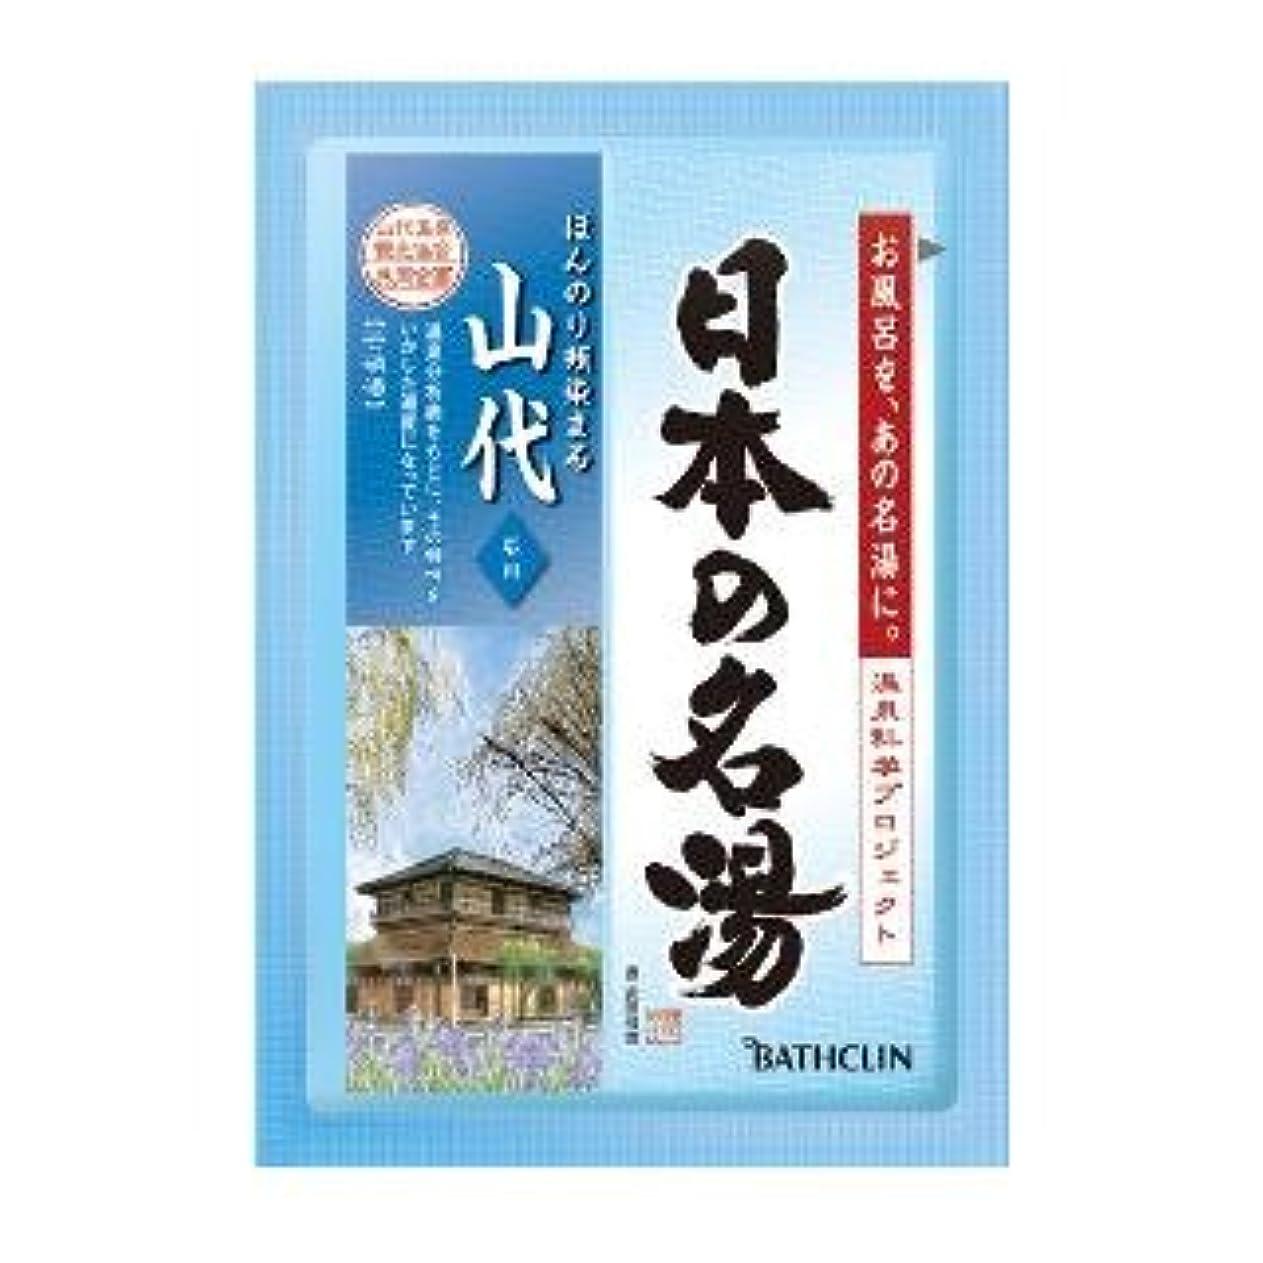 デコレーション内なる投獄バスクリン 日本の名湯 山代 1包×120点セット (4548514135031)